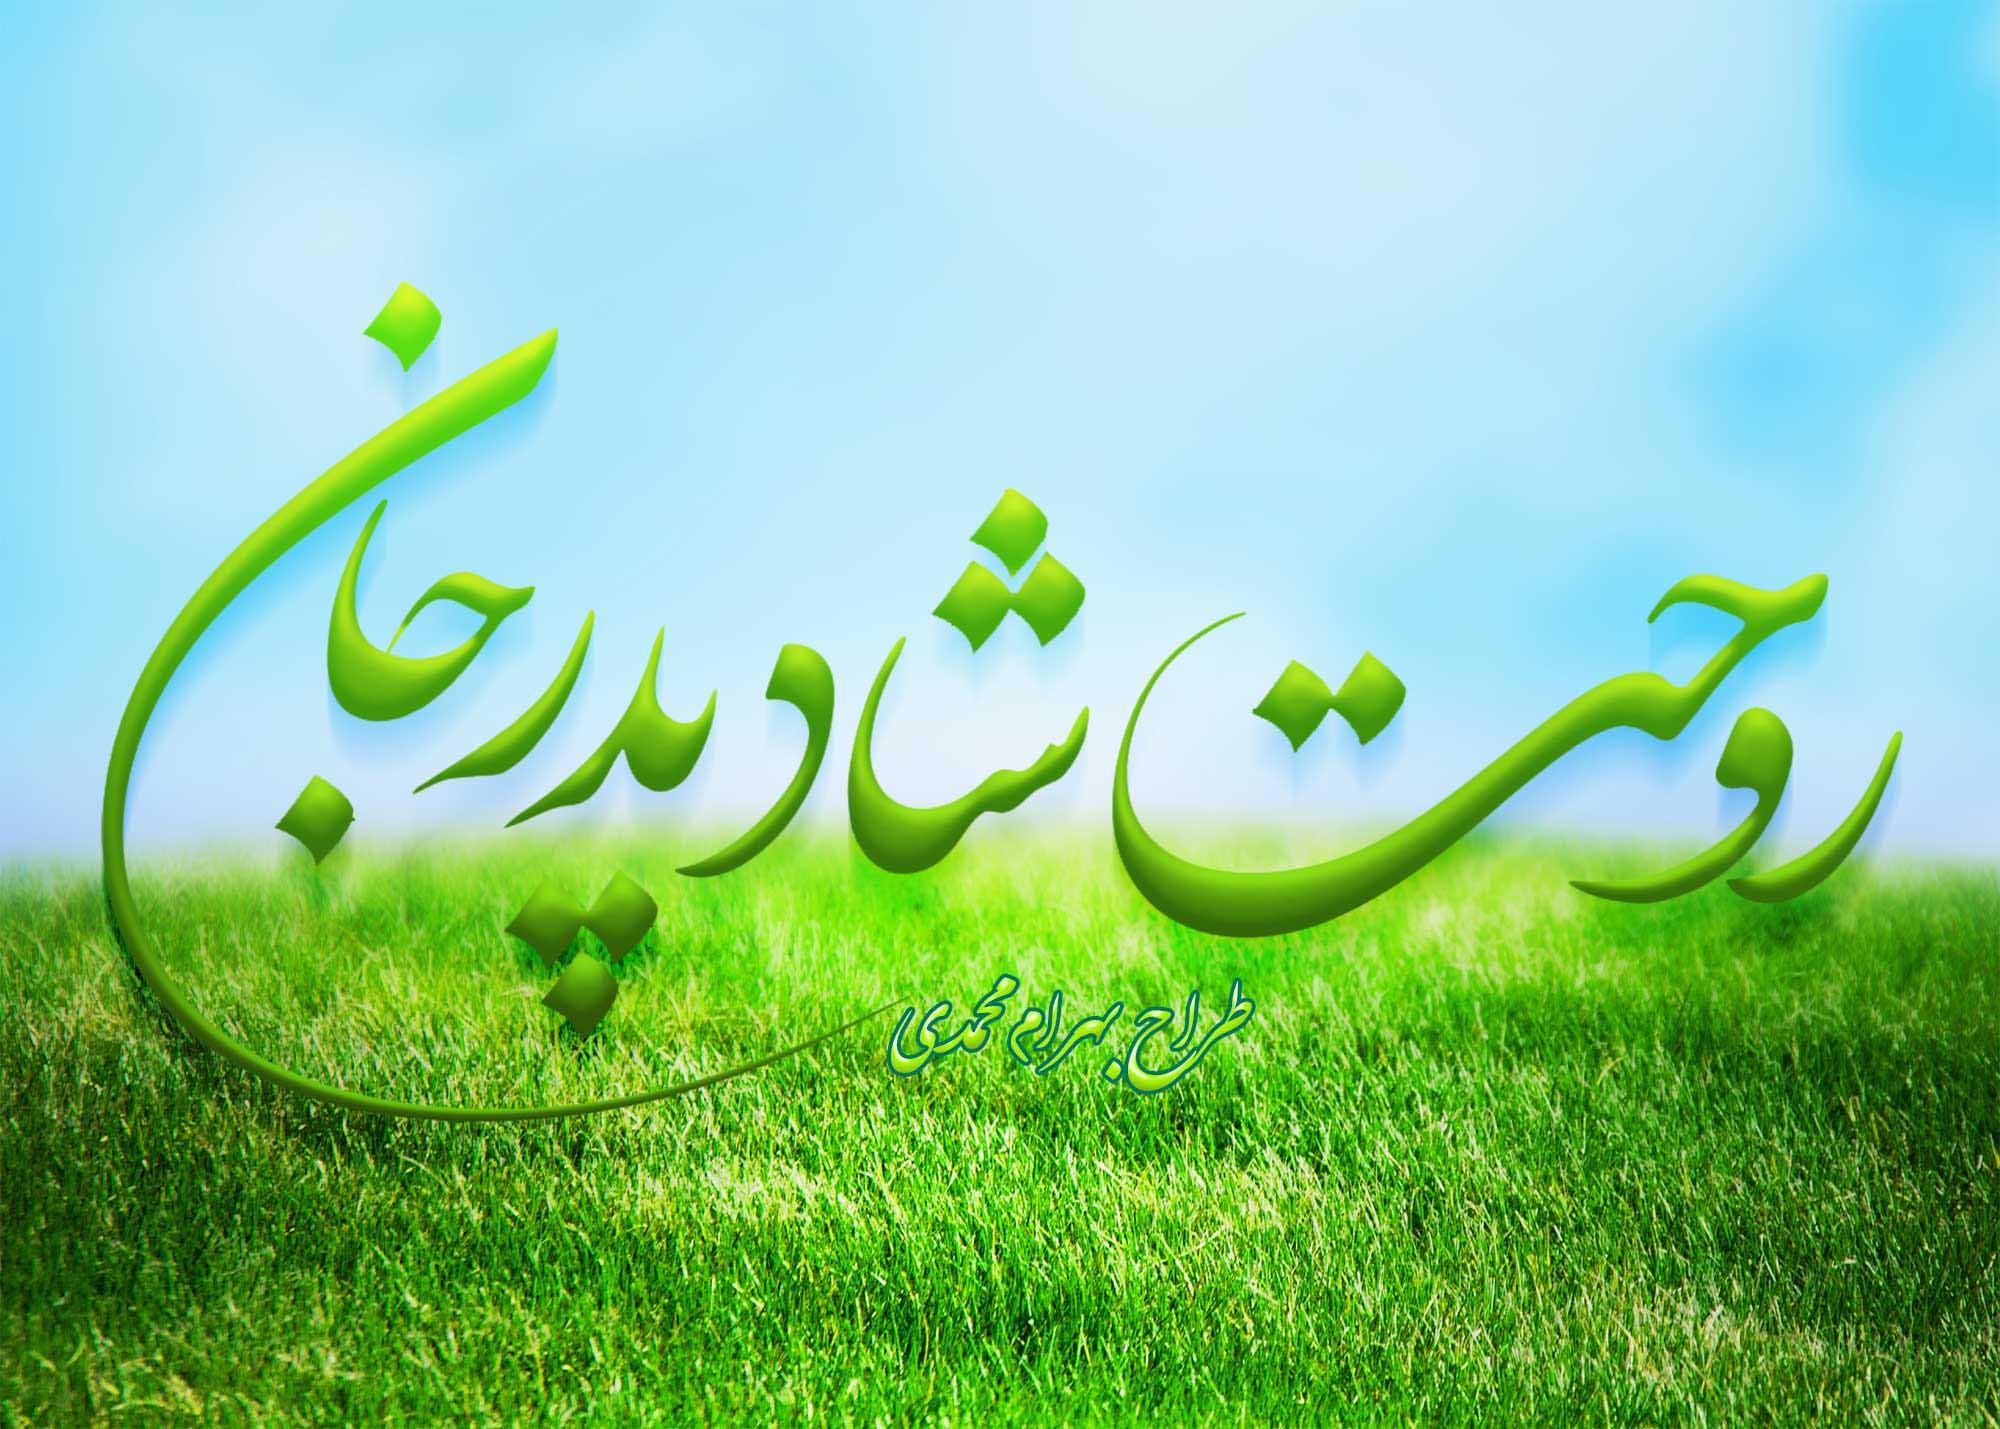 ولادت امام علی و روز پدر تایپوگرافی سه بعدی جدید